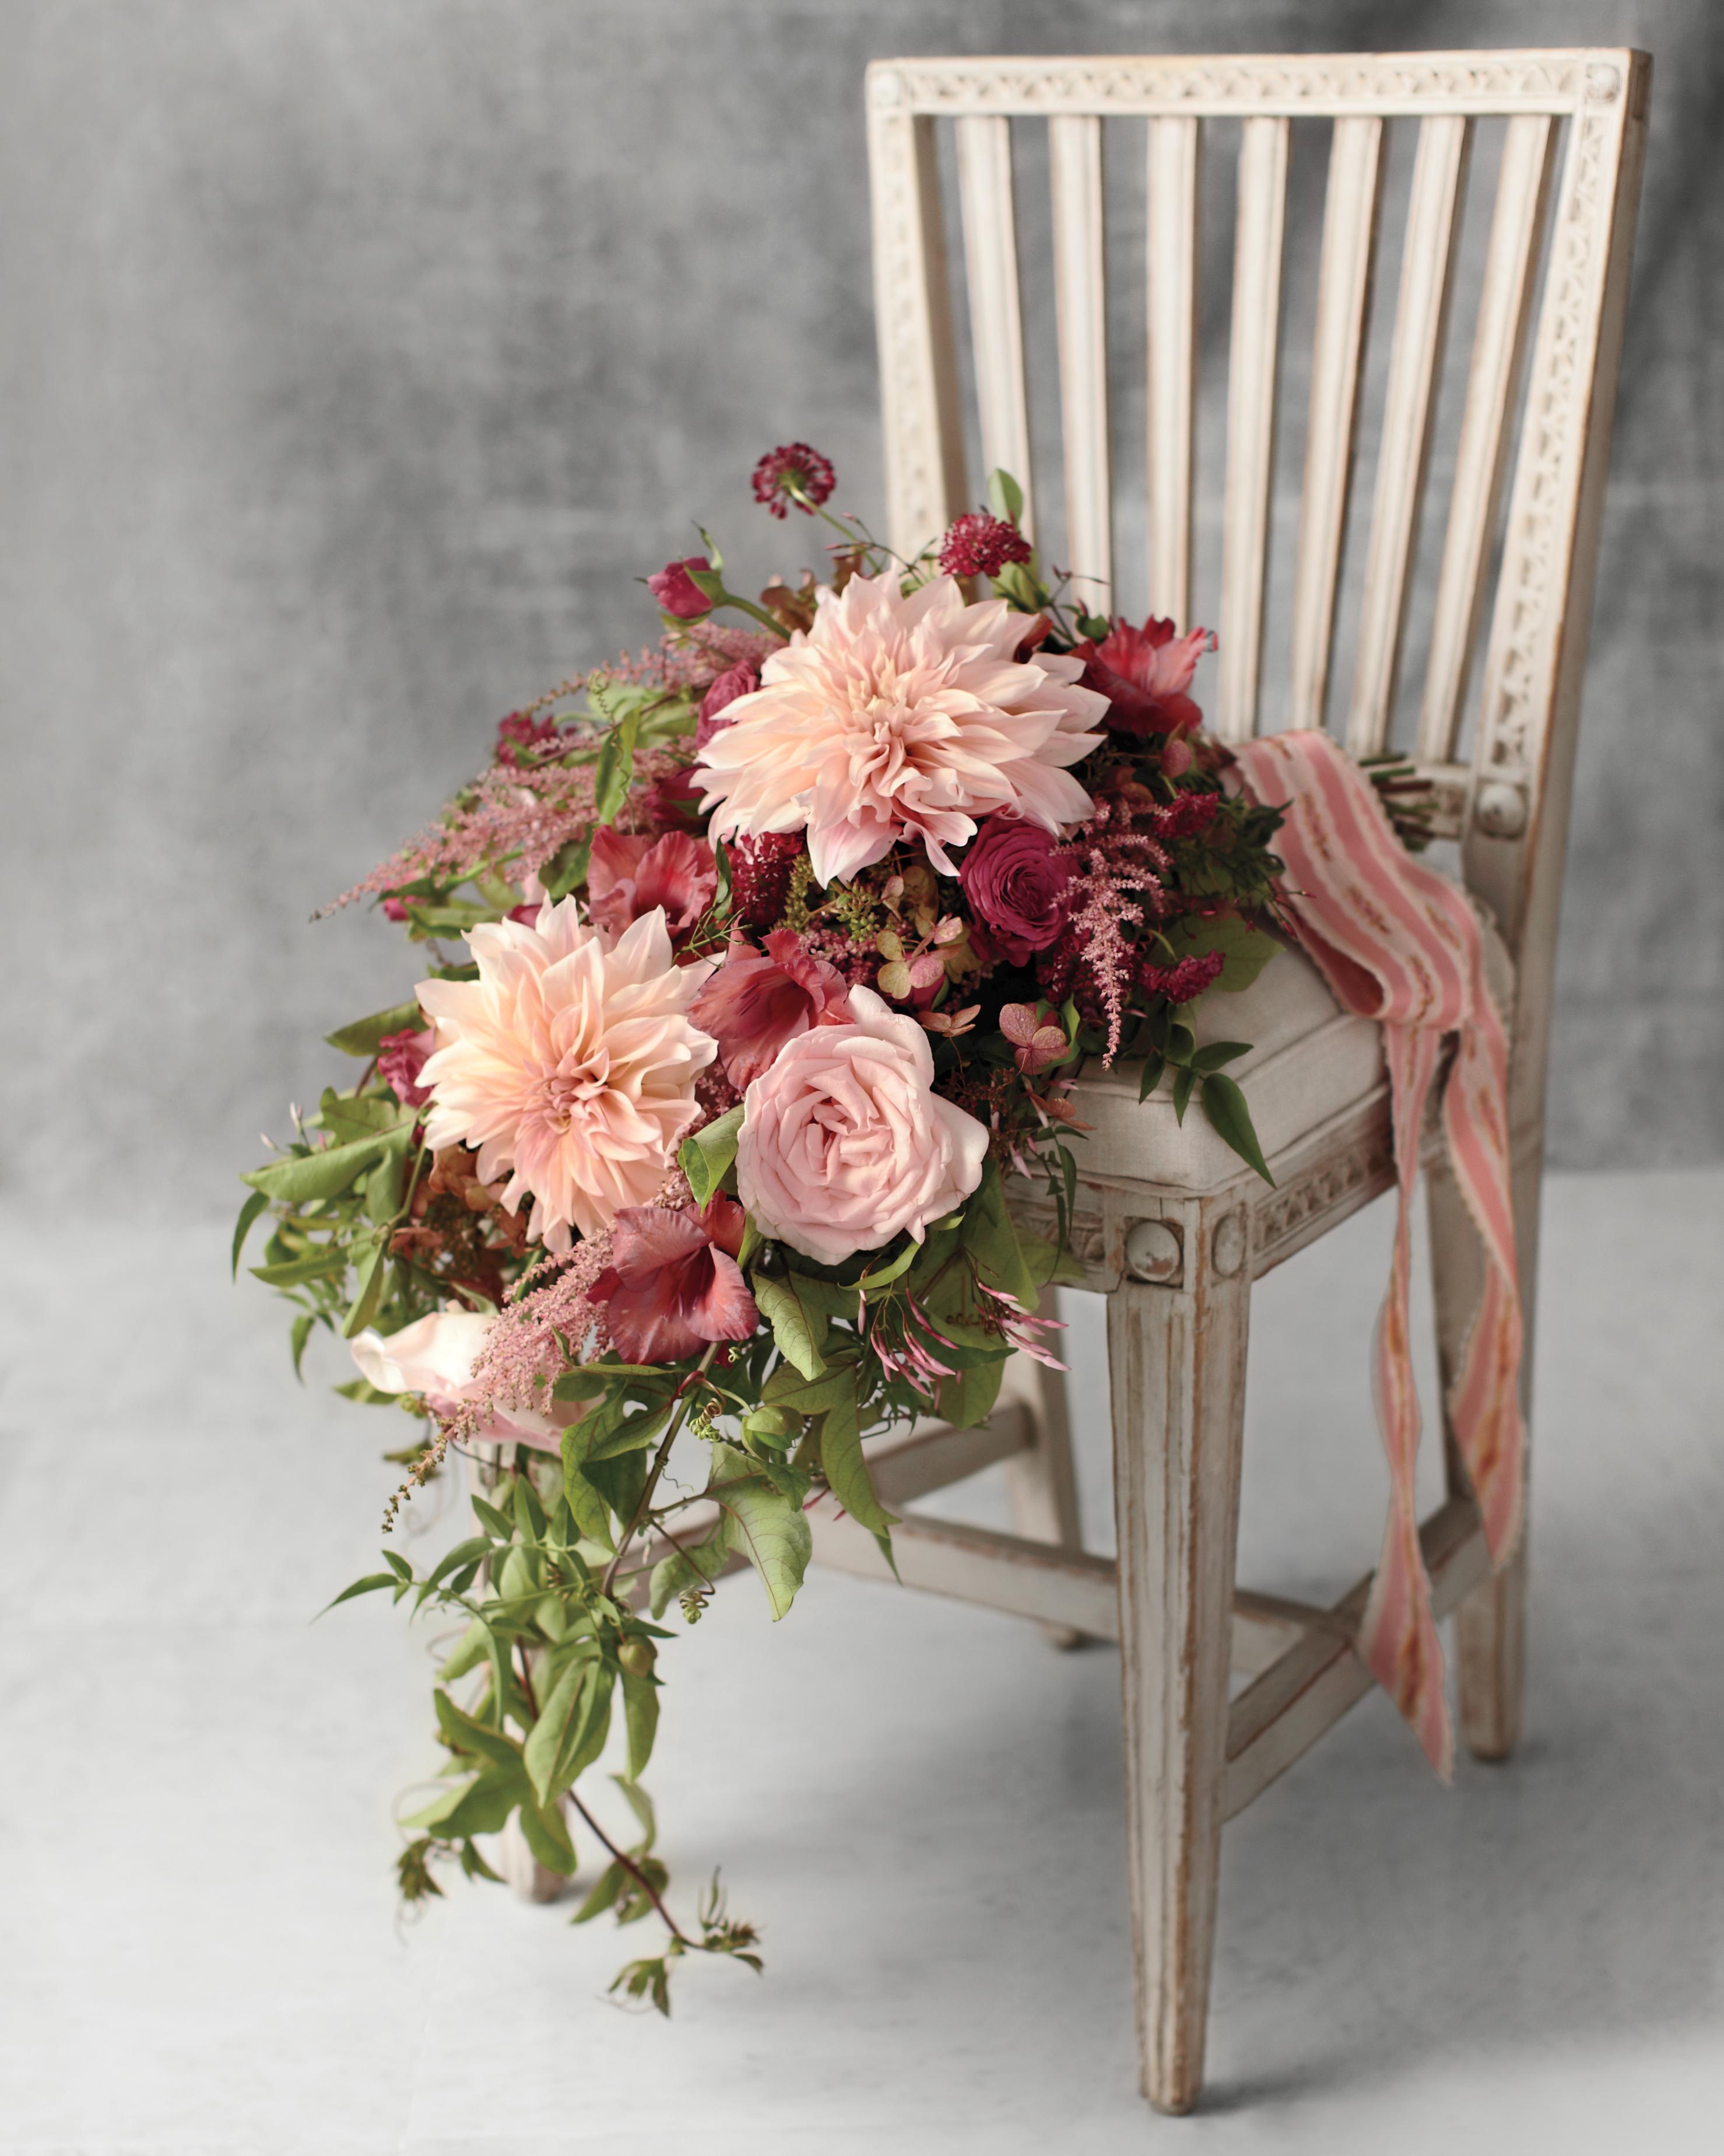 bouquet-044-exp-1-mwd110673.jpg